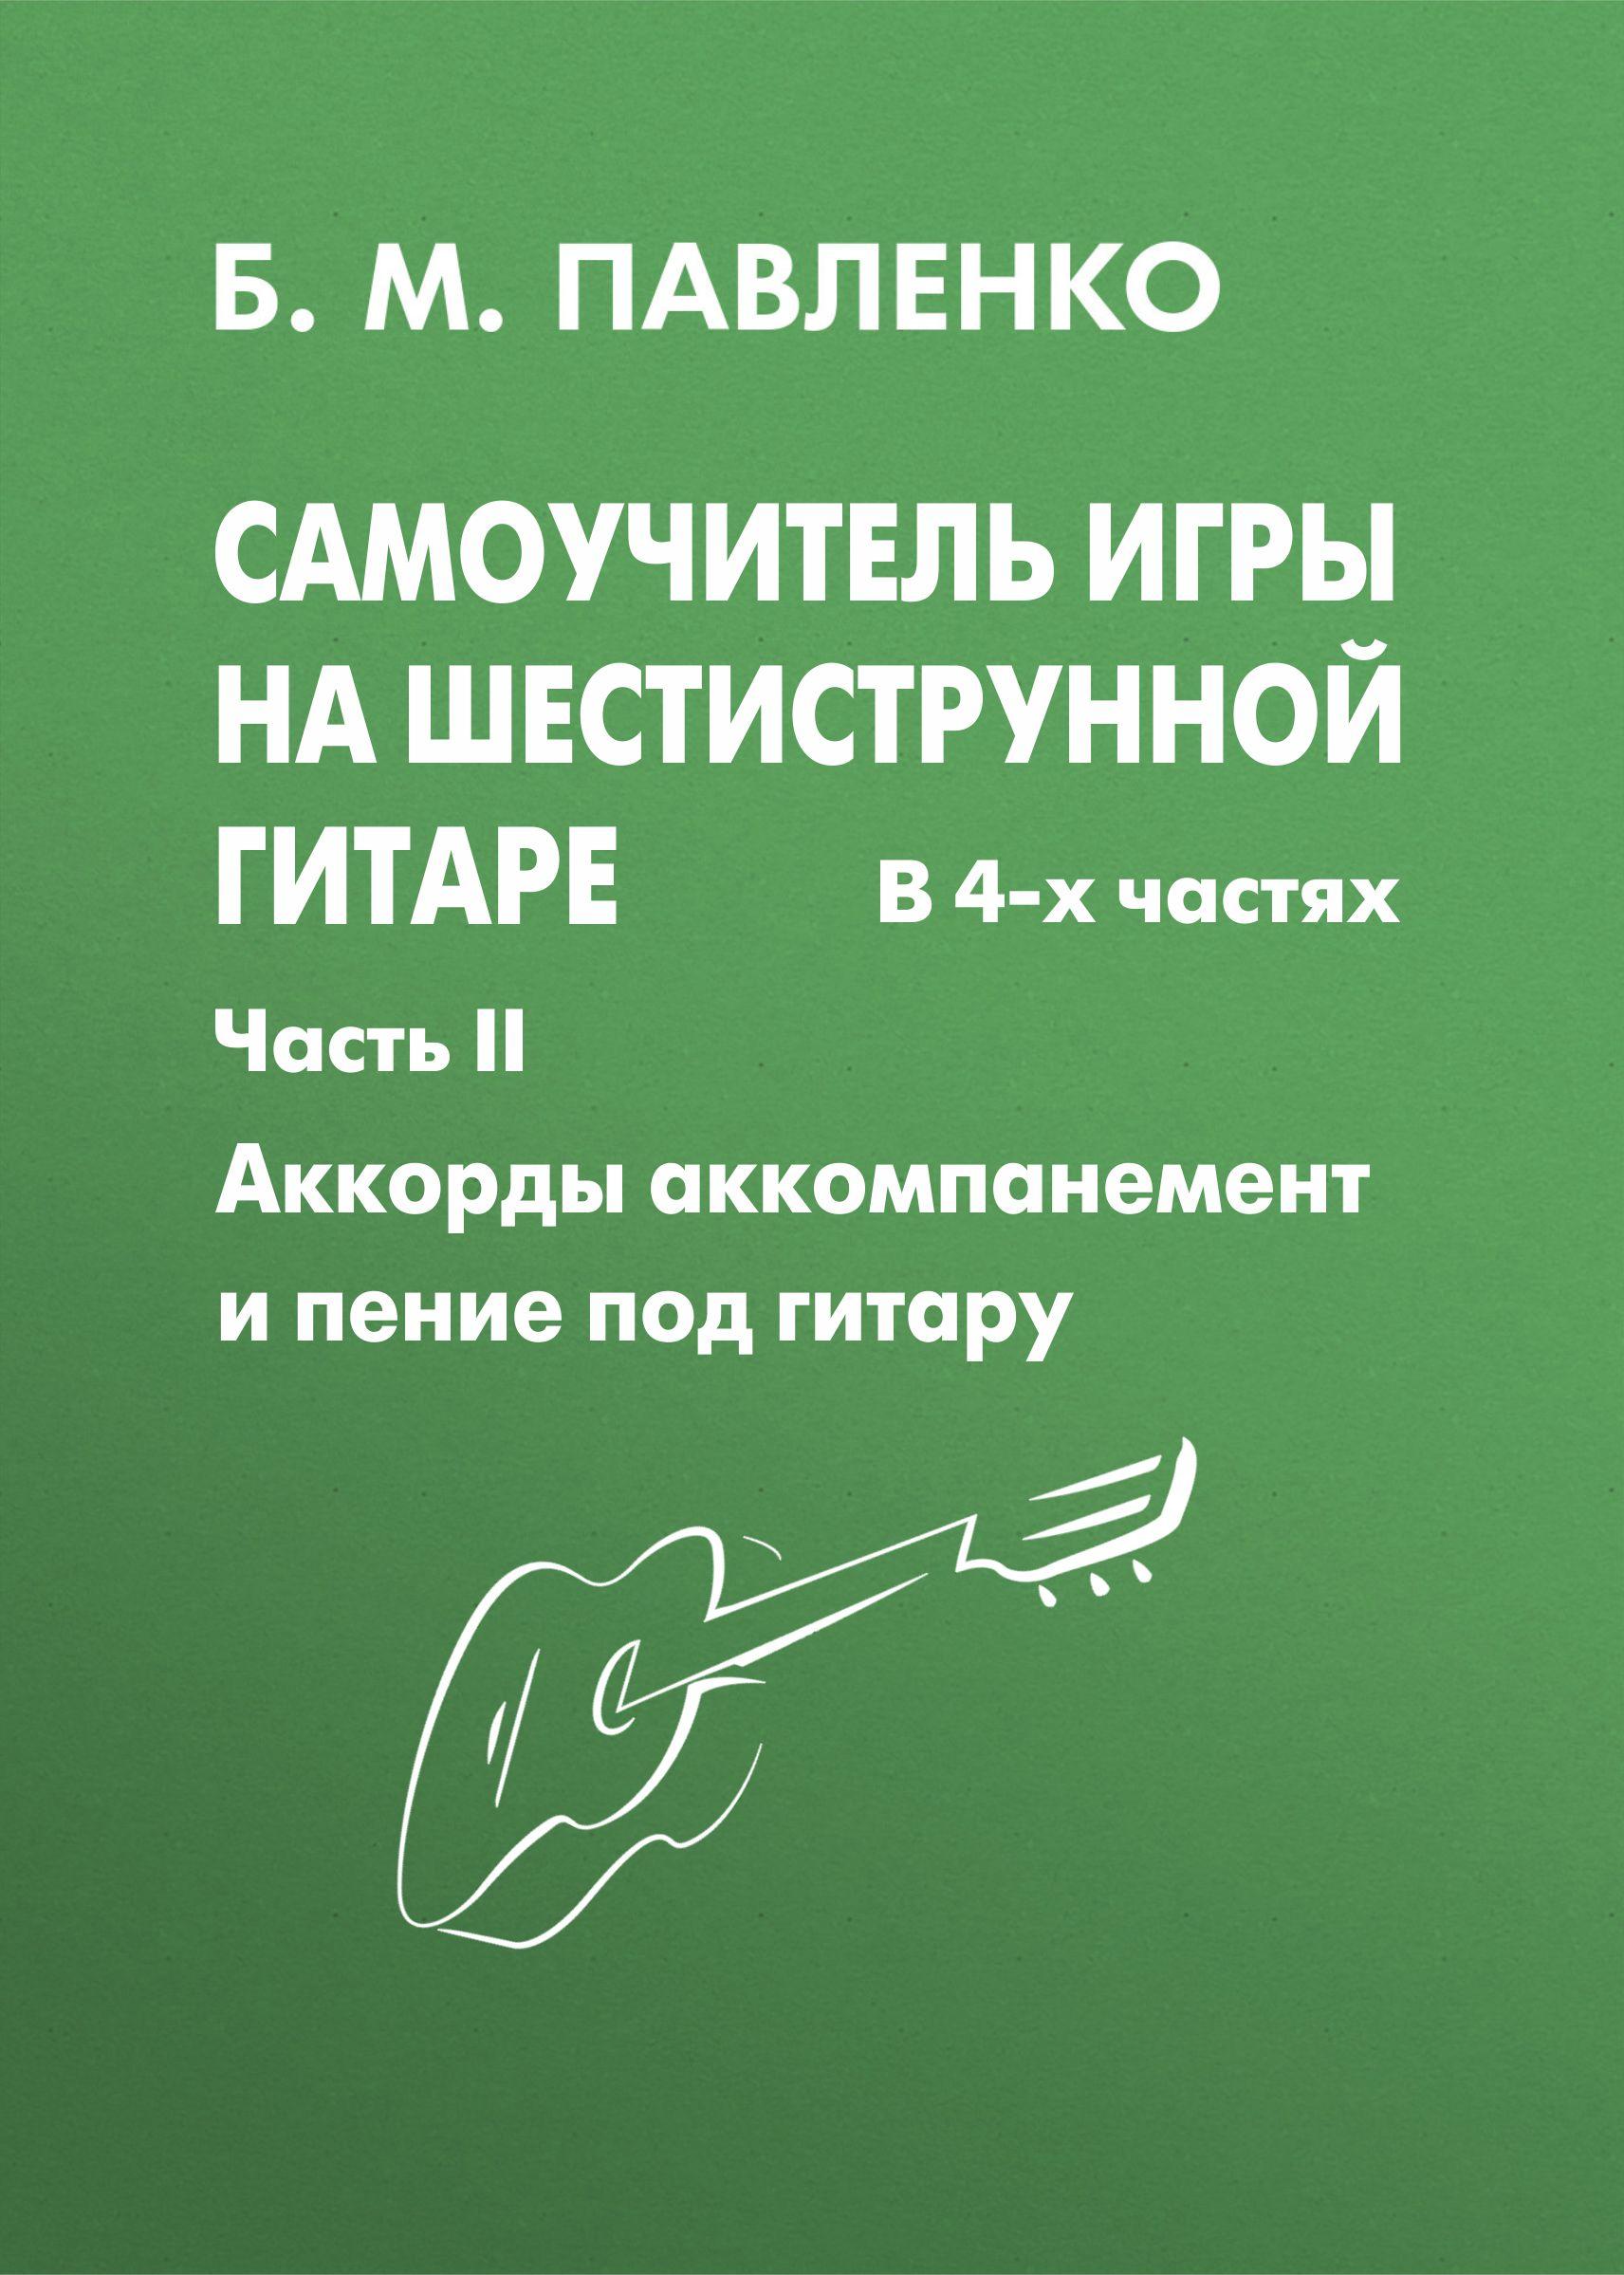 Б. М. Павленко Самоучитель игры на шестиструнной гитаре. Аккорды, аккомпанемент и пение под гитару. II часть б м павленко самоучитель игры на шестиструнной гитаре аккорды аккомпанемент и пение под гитару